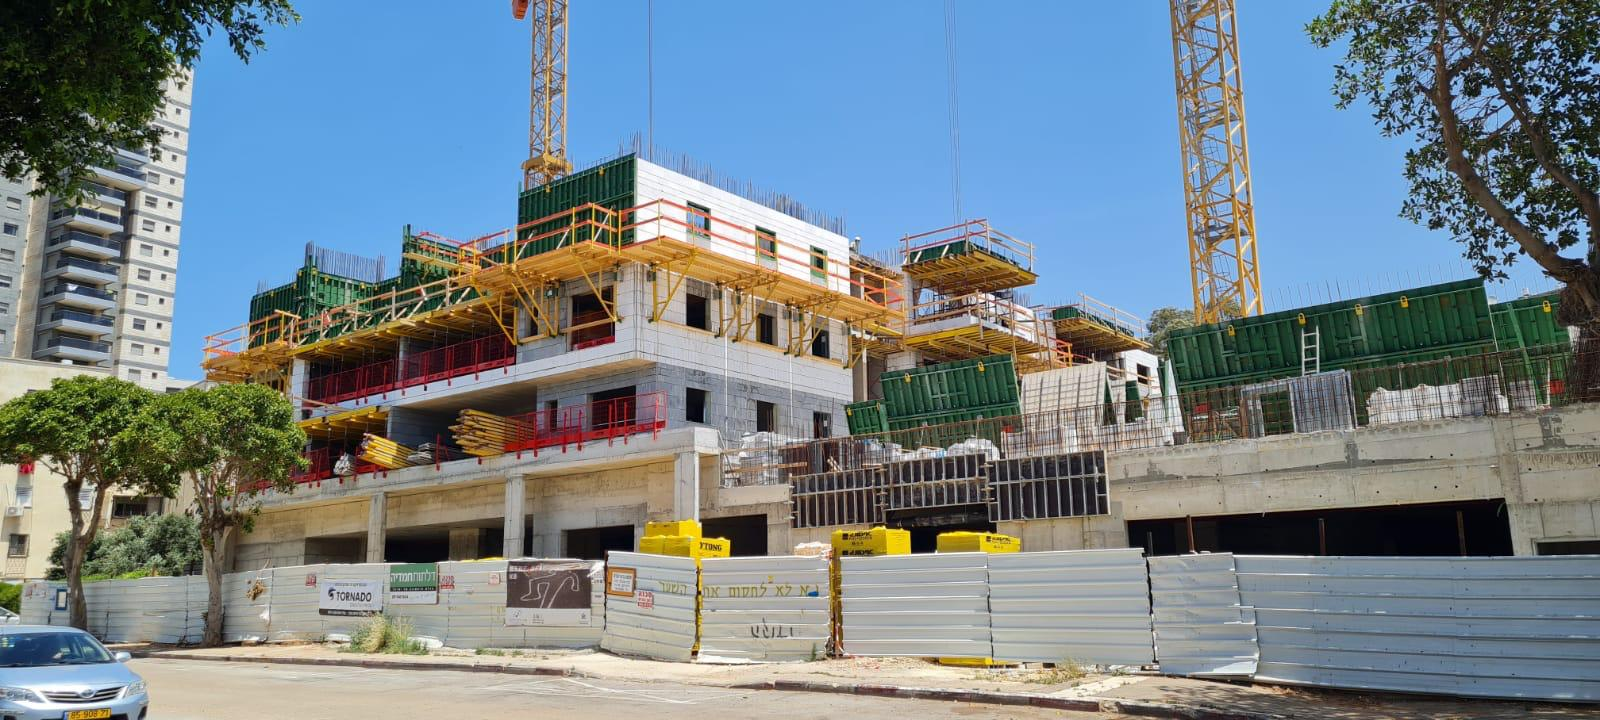 עבודות שלד קומה 3 וסיום עבודות מרתף 25.05.2021